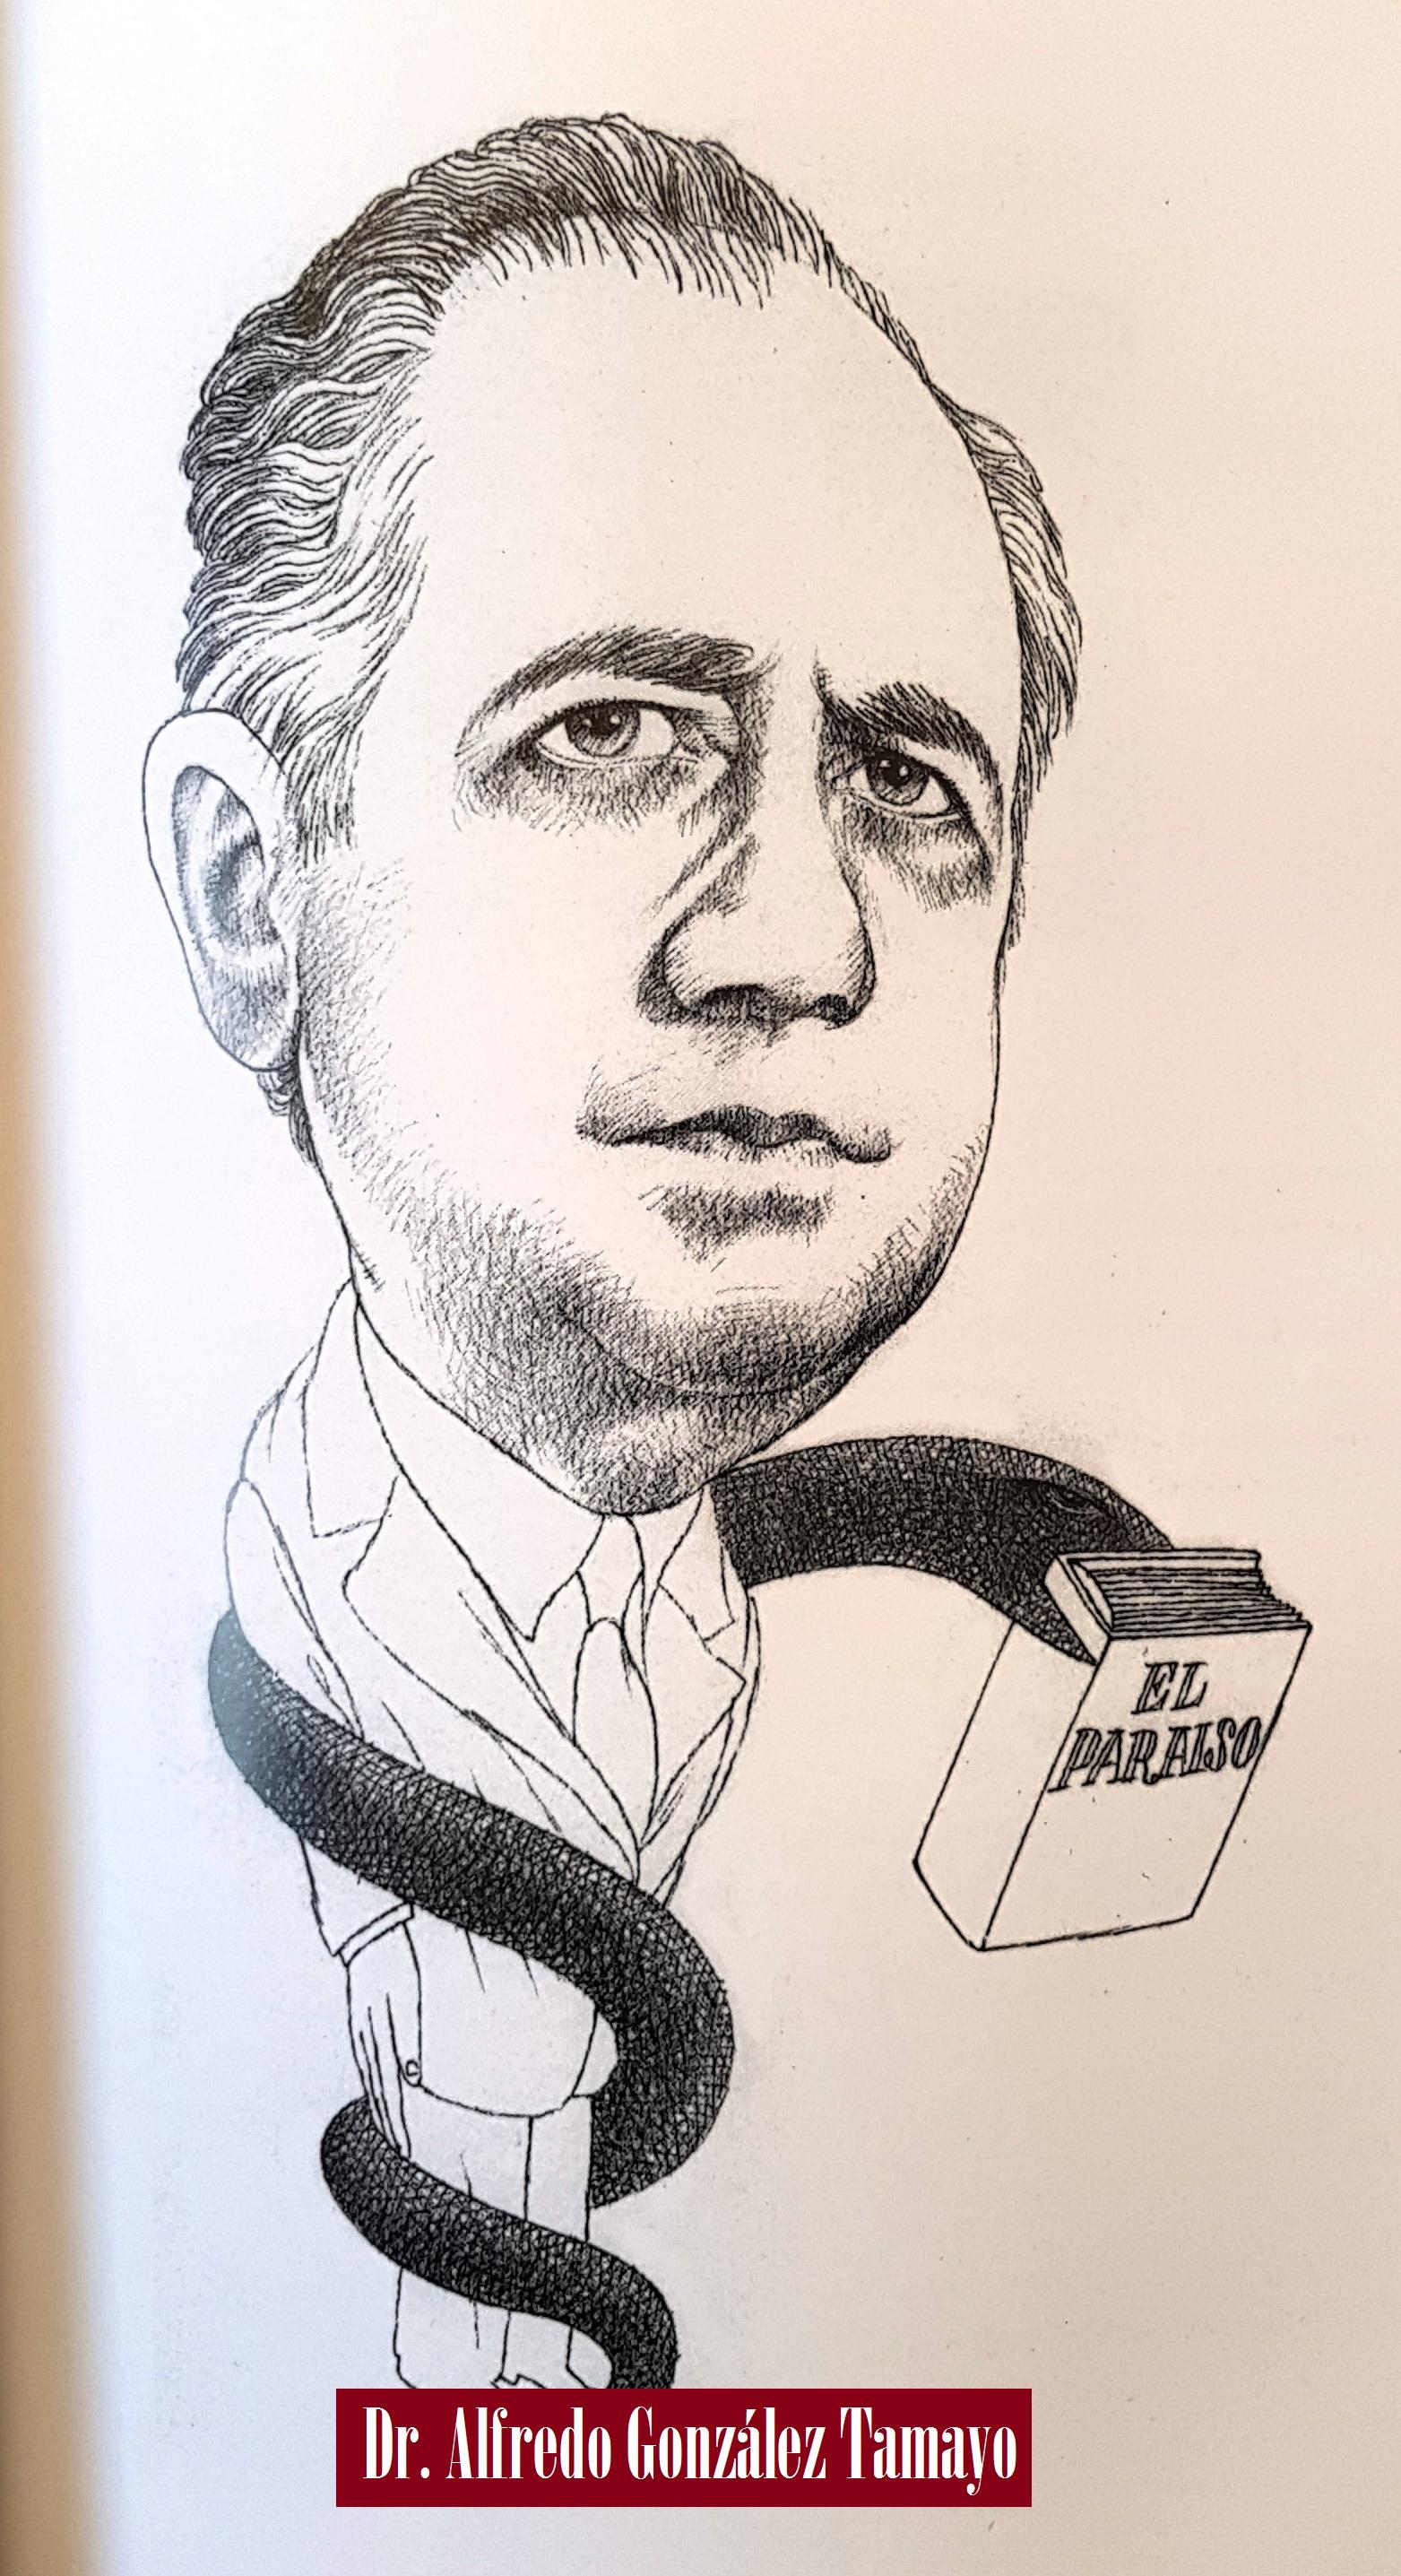 DR. ALFREDO GONZÁLEZ TAMAYO